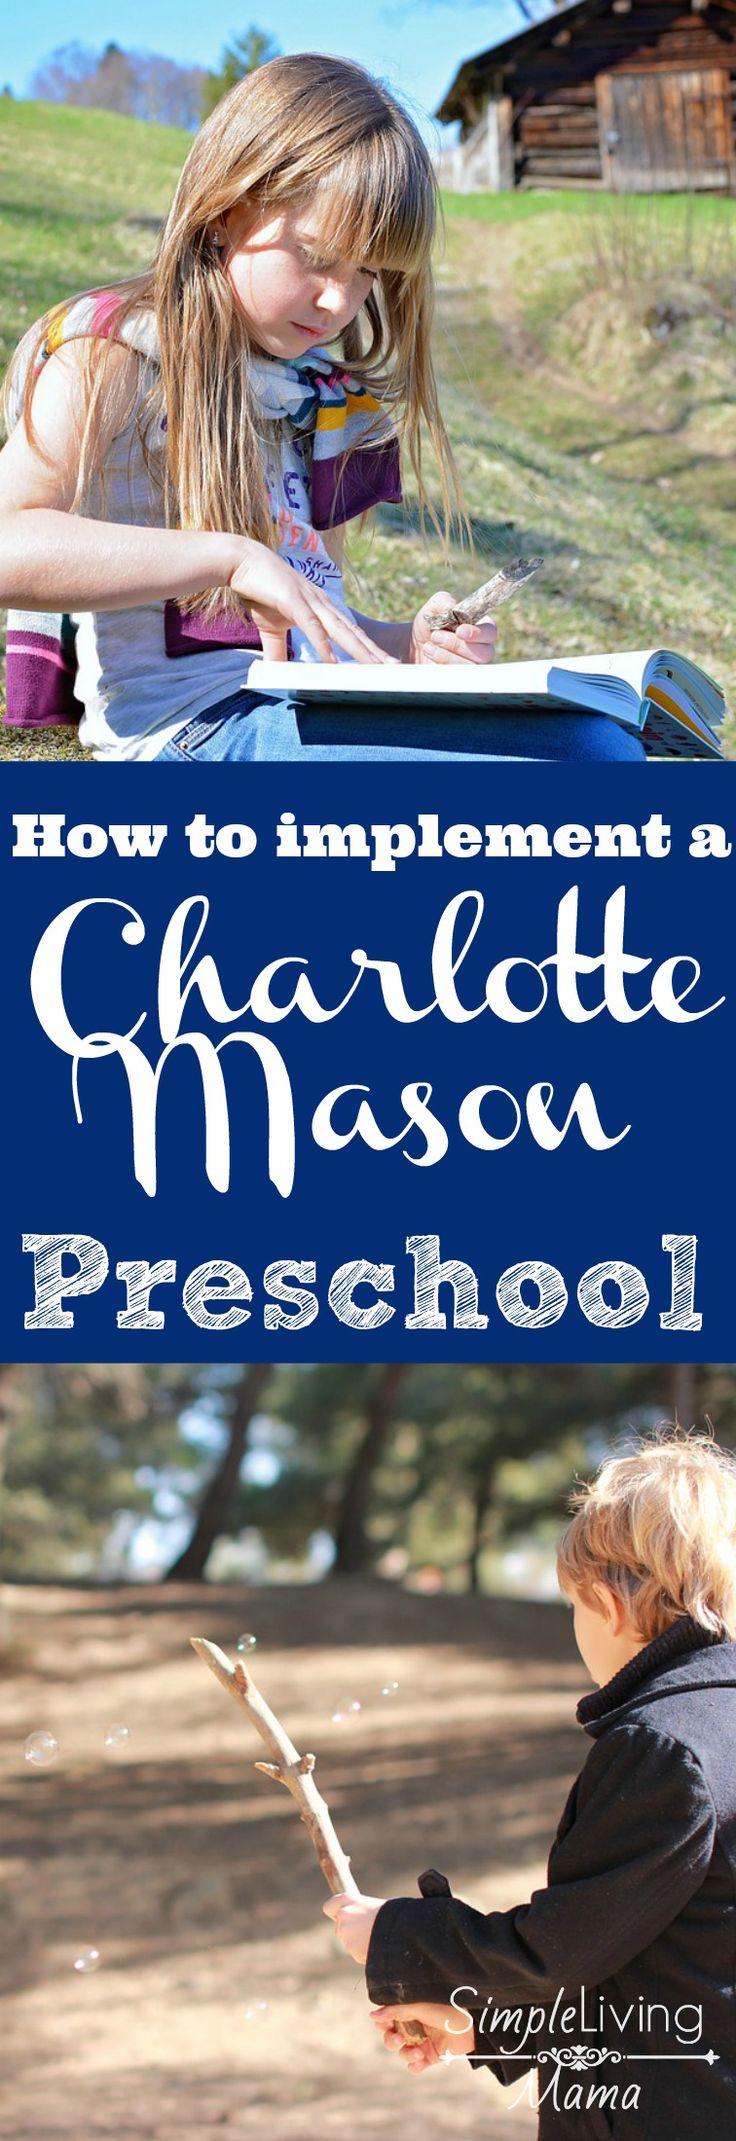 345 best Homeschool Preschool images on Pinterest | Preschool ...